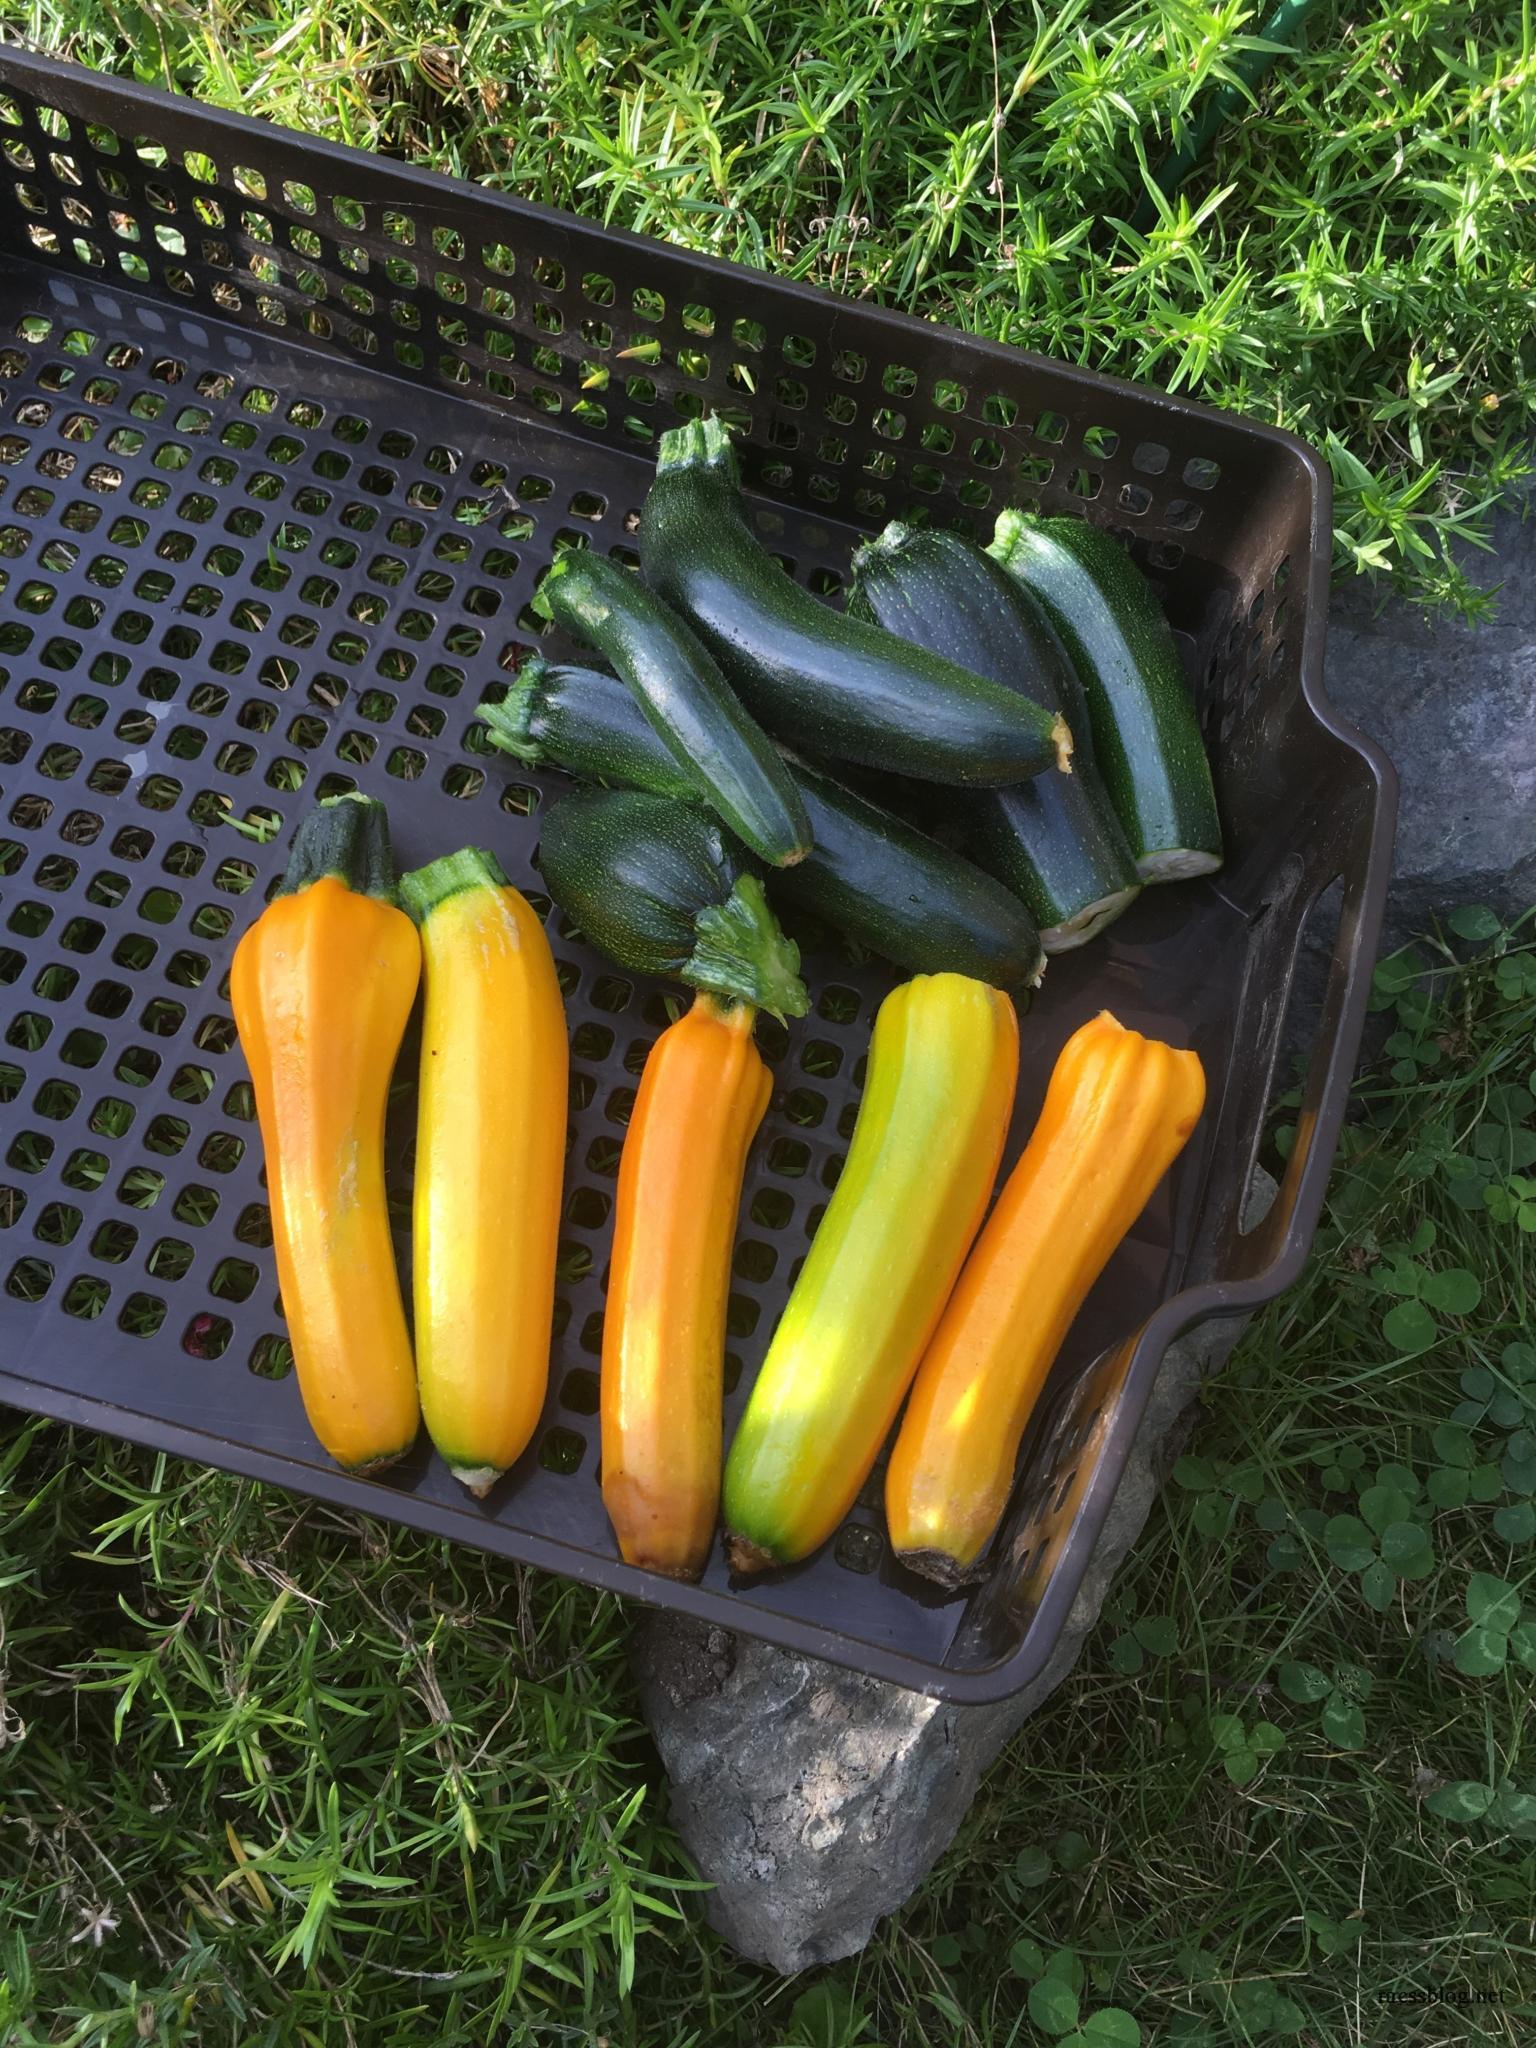 7月の菜園日記 レタス、キュウリ、ピーマン収穫期に